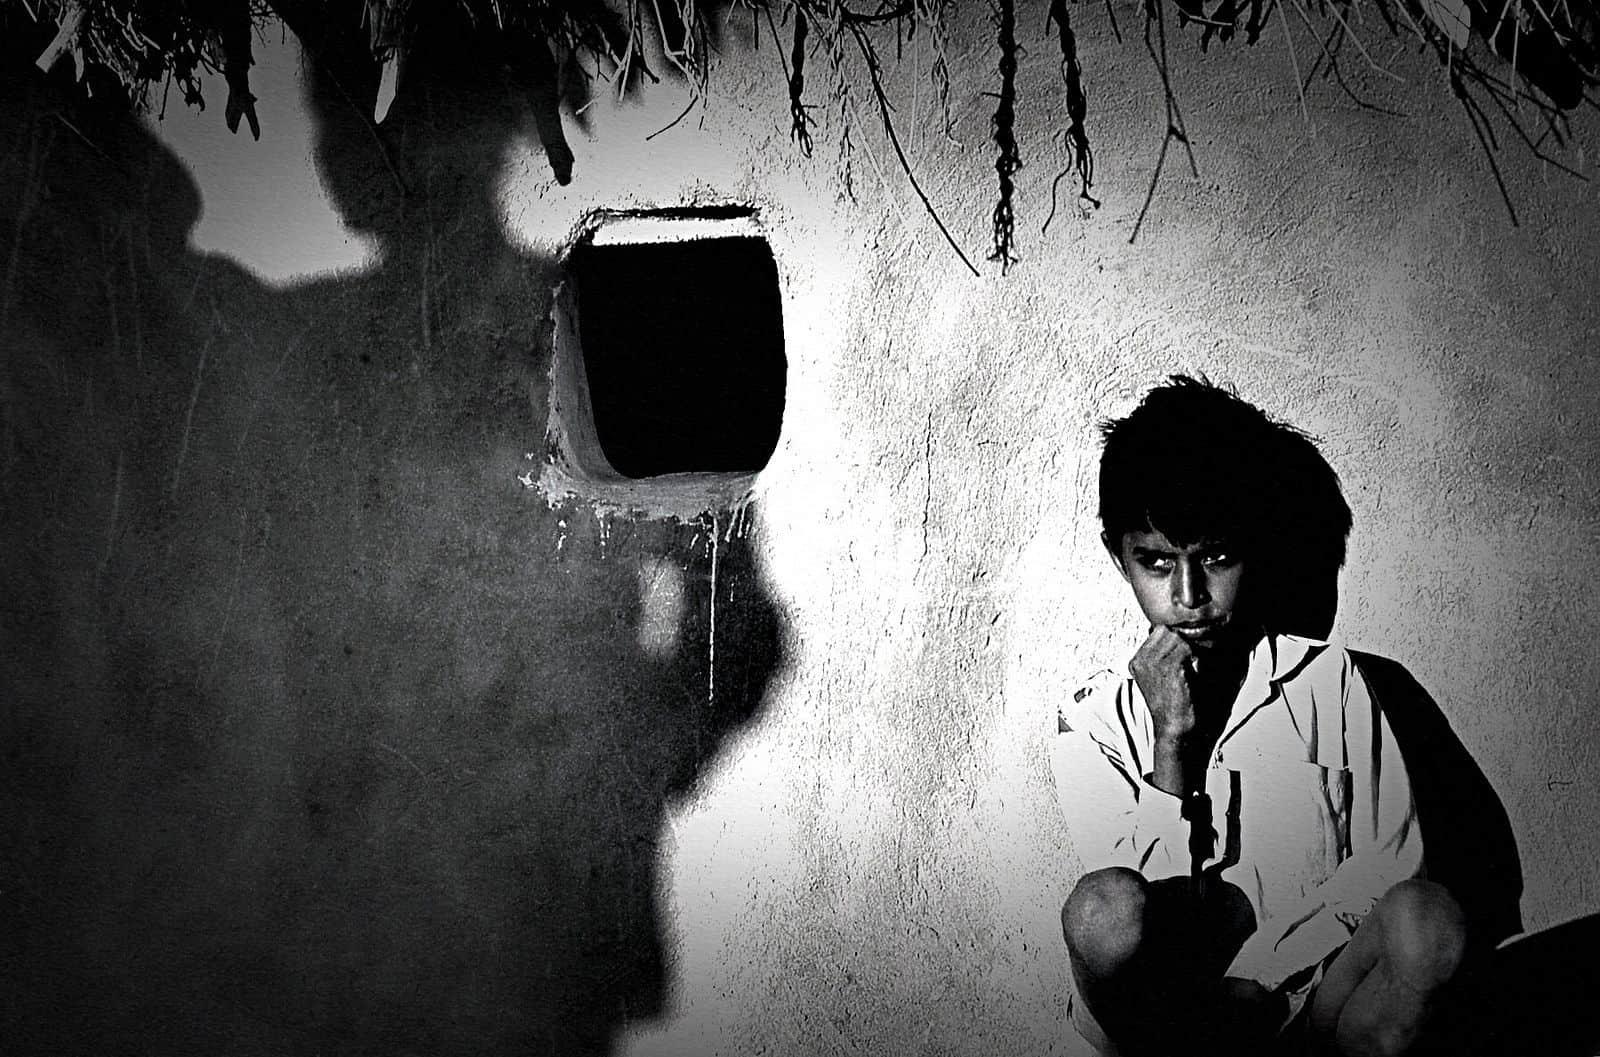 ילד, רג'סטאן, הודו